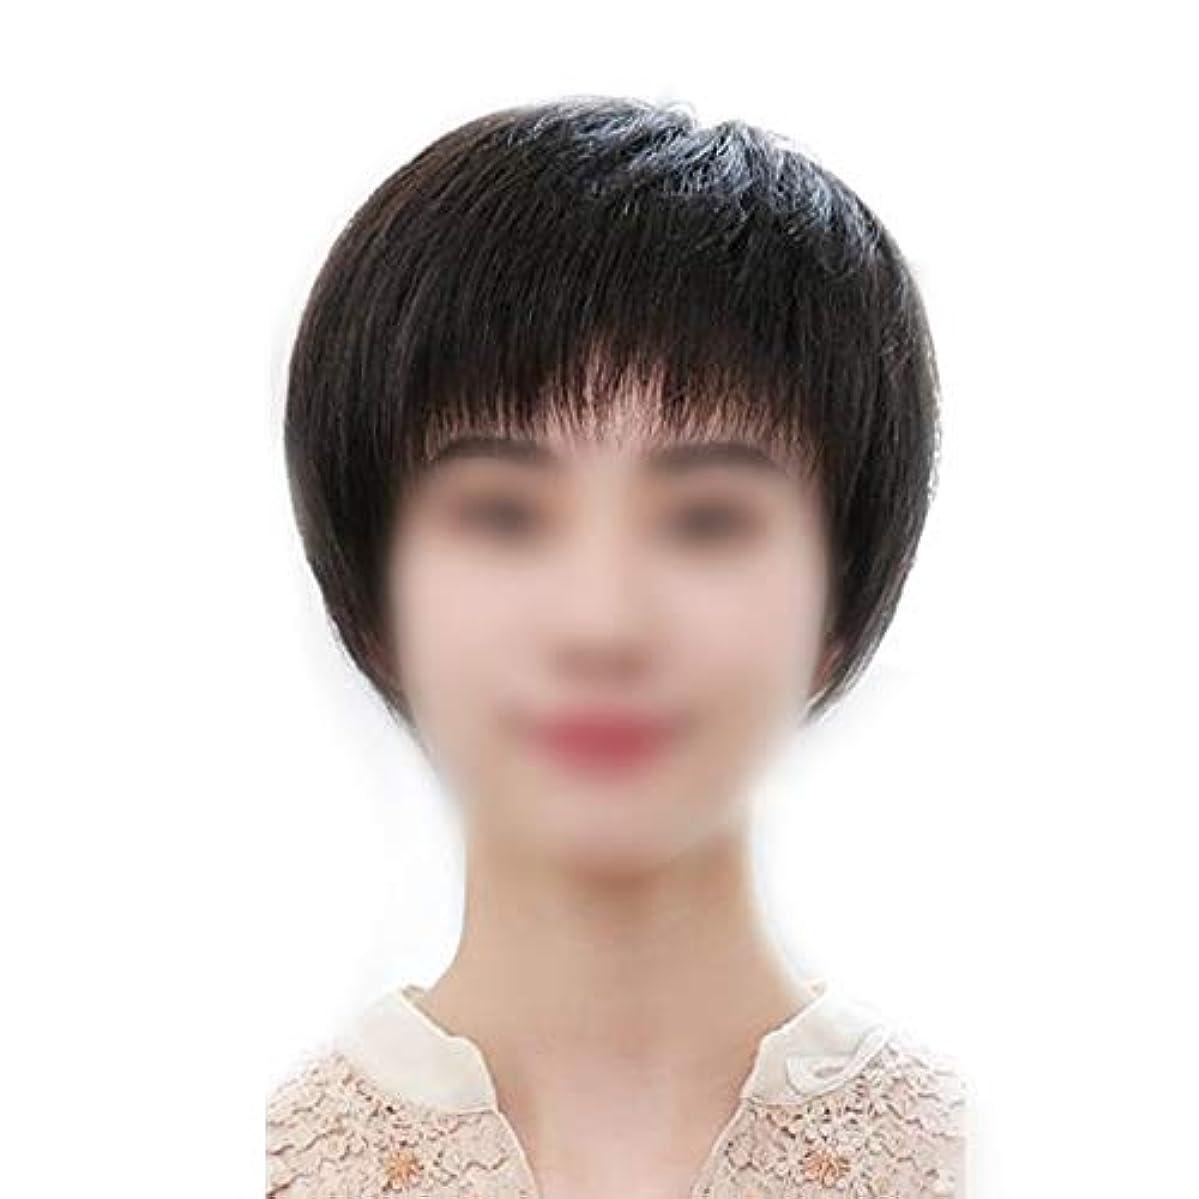 札入れフェッチかんたんYOUQIU 女子ショートヘアのフルハンド織実ヘアウィッグ現実的な自然に見えるウィッグ (色 : Dark brown)